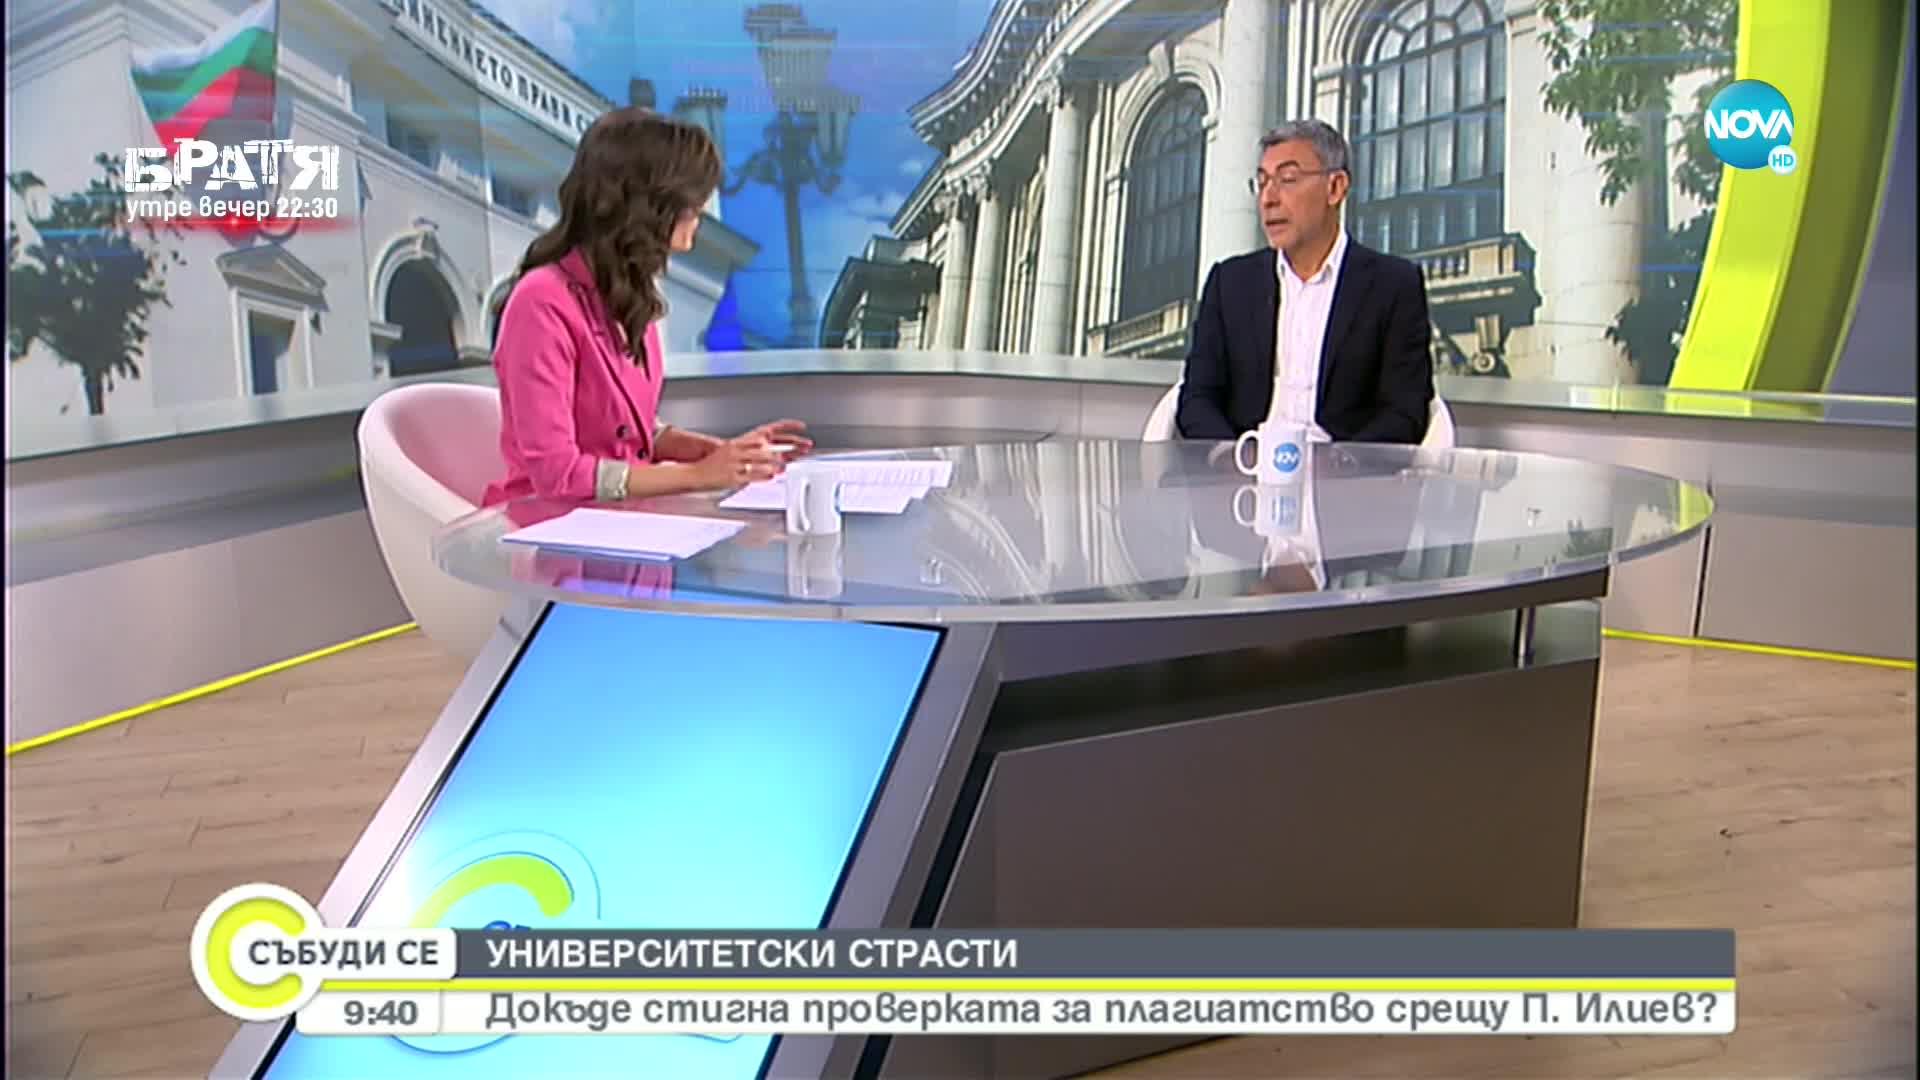 Даниел Вълчев: За морала в политиката и Алма матер